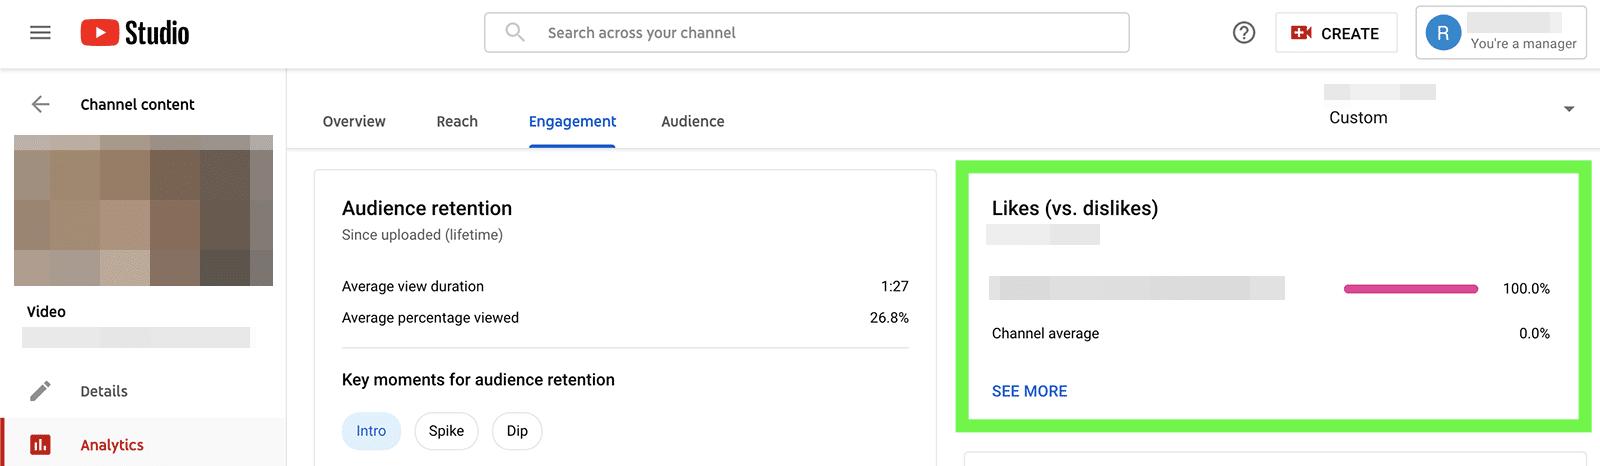 YouTube metrics - likes vs dislikes